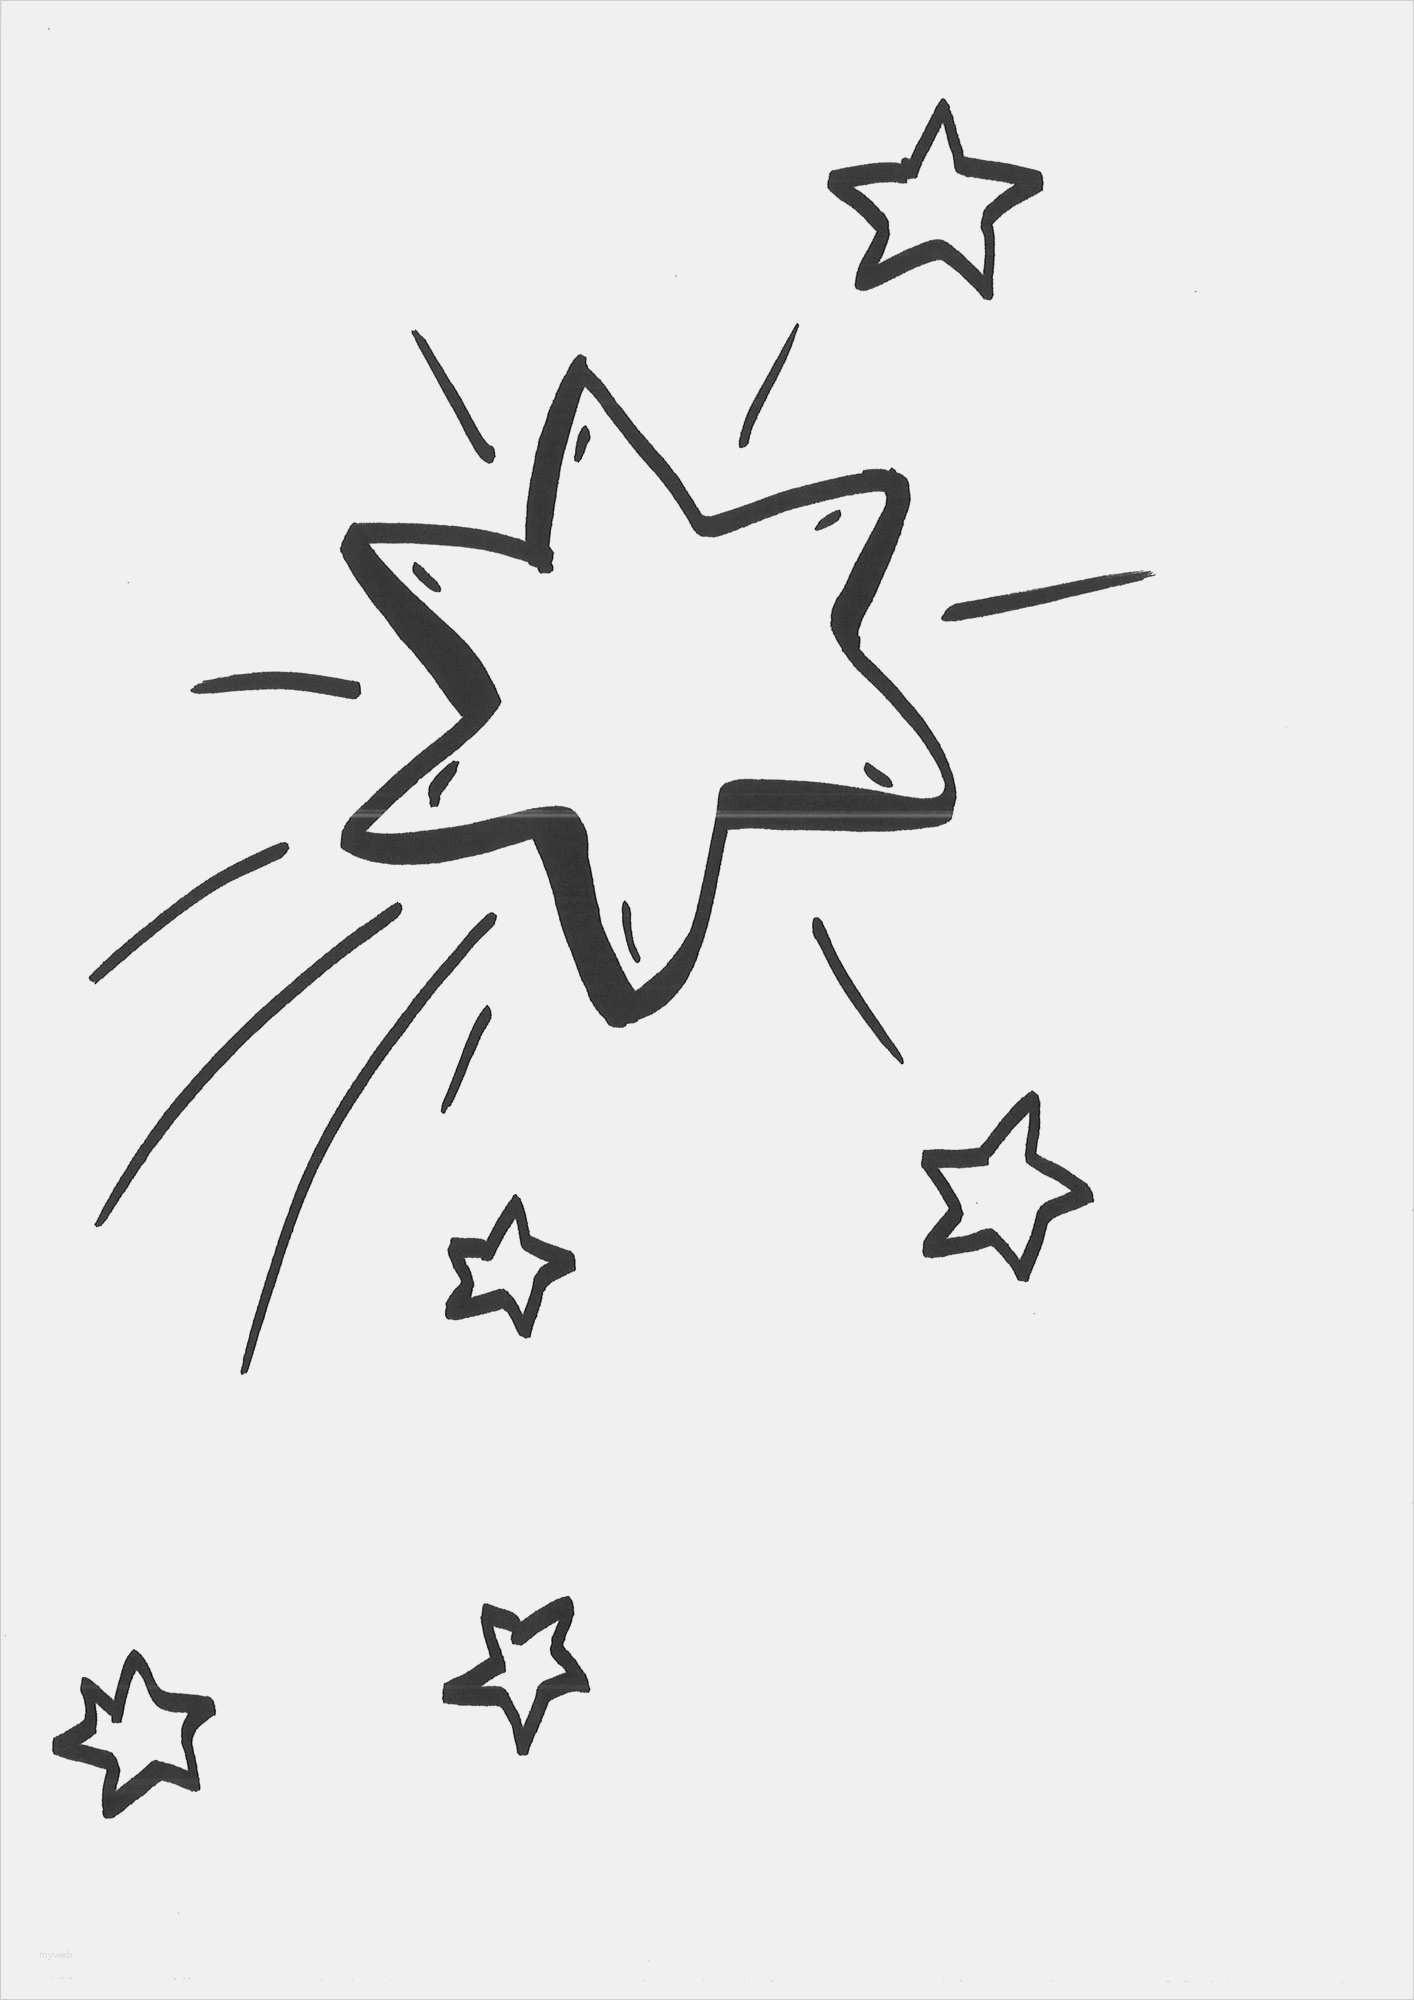 Ausmalbilder Sterne Inspirierend Sterne Vorlagen Kostenlos Frisch Ausmalbild Mond Neu Stern Vorlage Fotos